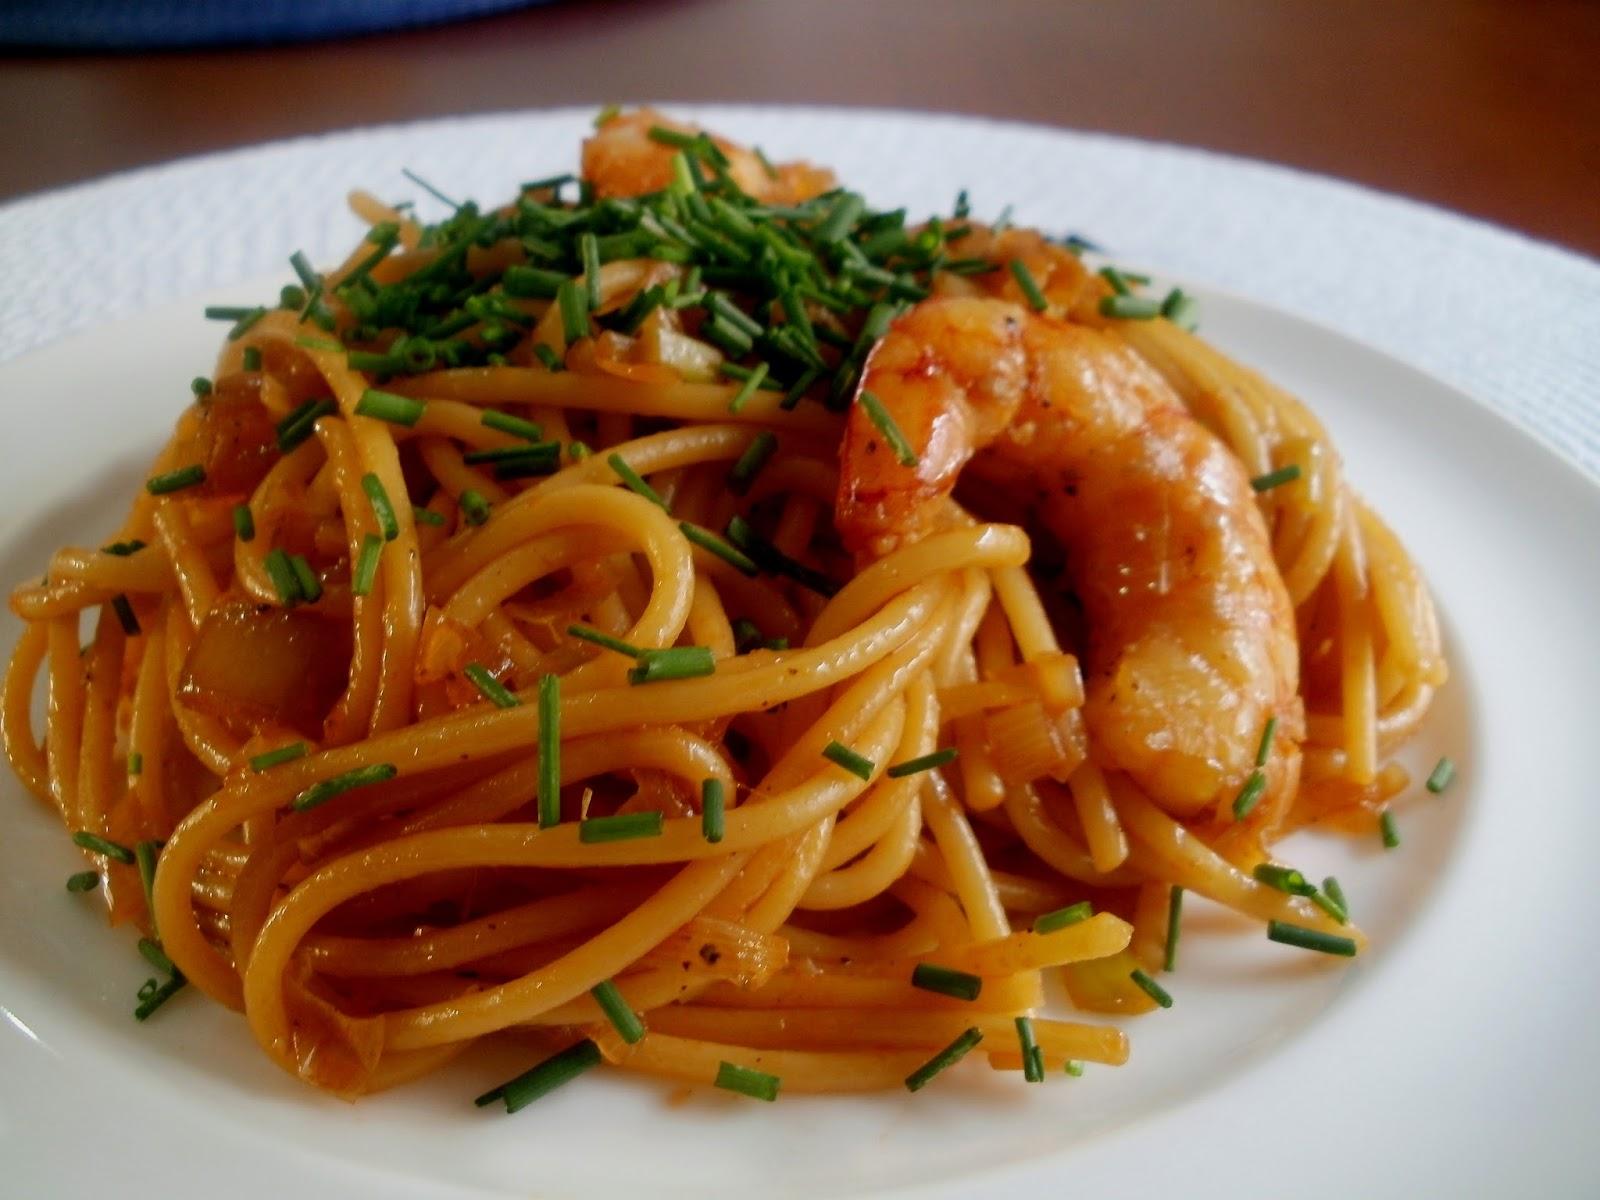 Los antojos de clara espaguetis con gambas camarones y salsa de soja - Espagueti con gambas y nata ...